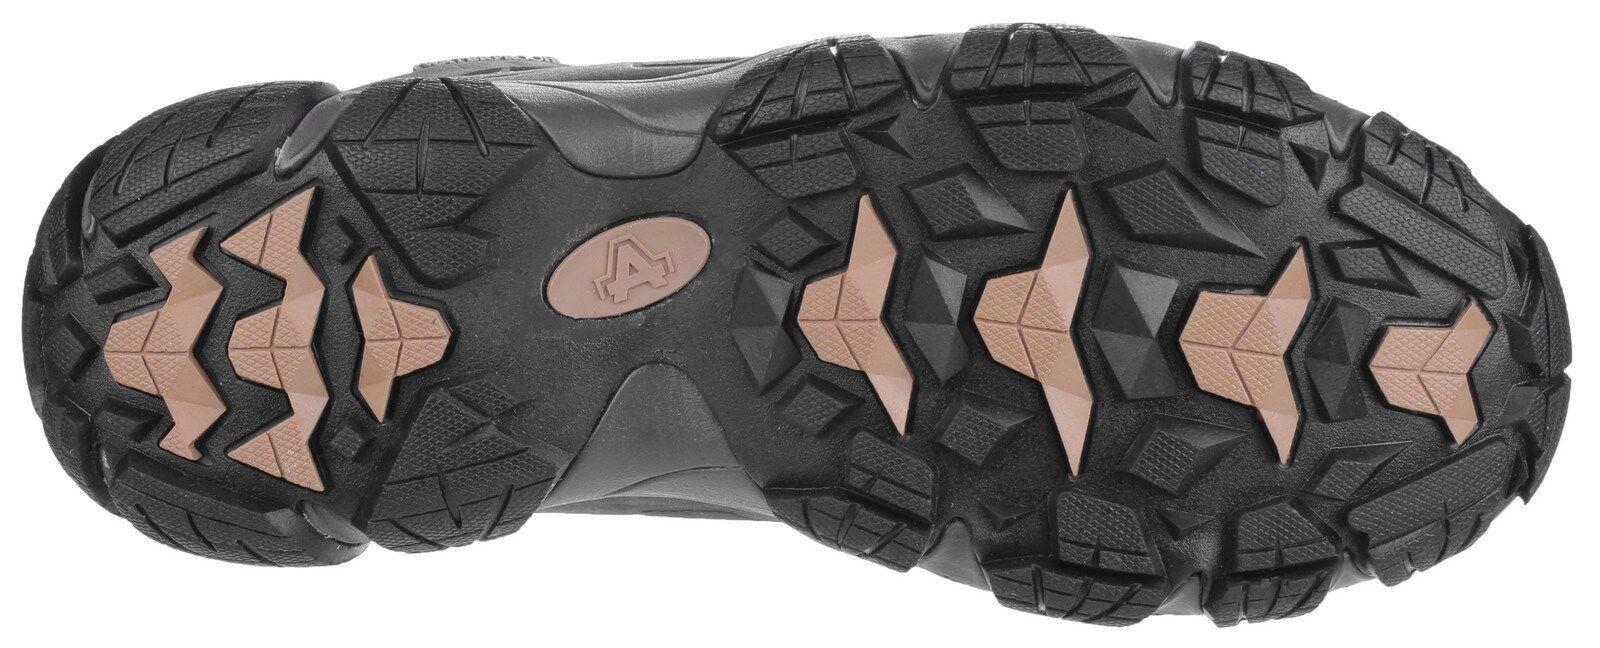 Amblers Leder AS801 Rockingham Mens Braun Leder Amblers Waterproof Safety Hikier Stiefel cfd7ae